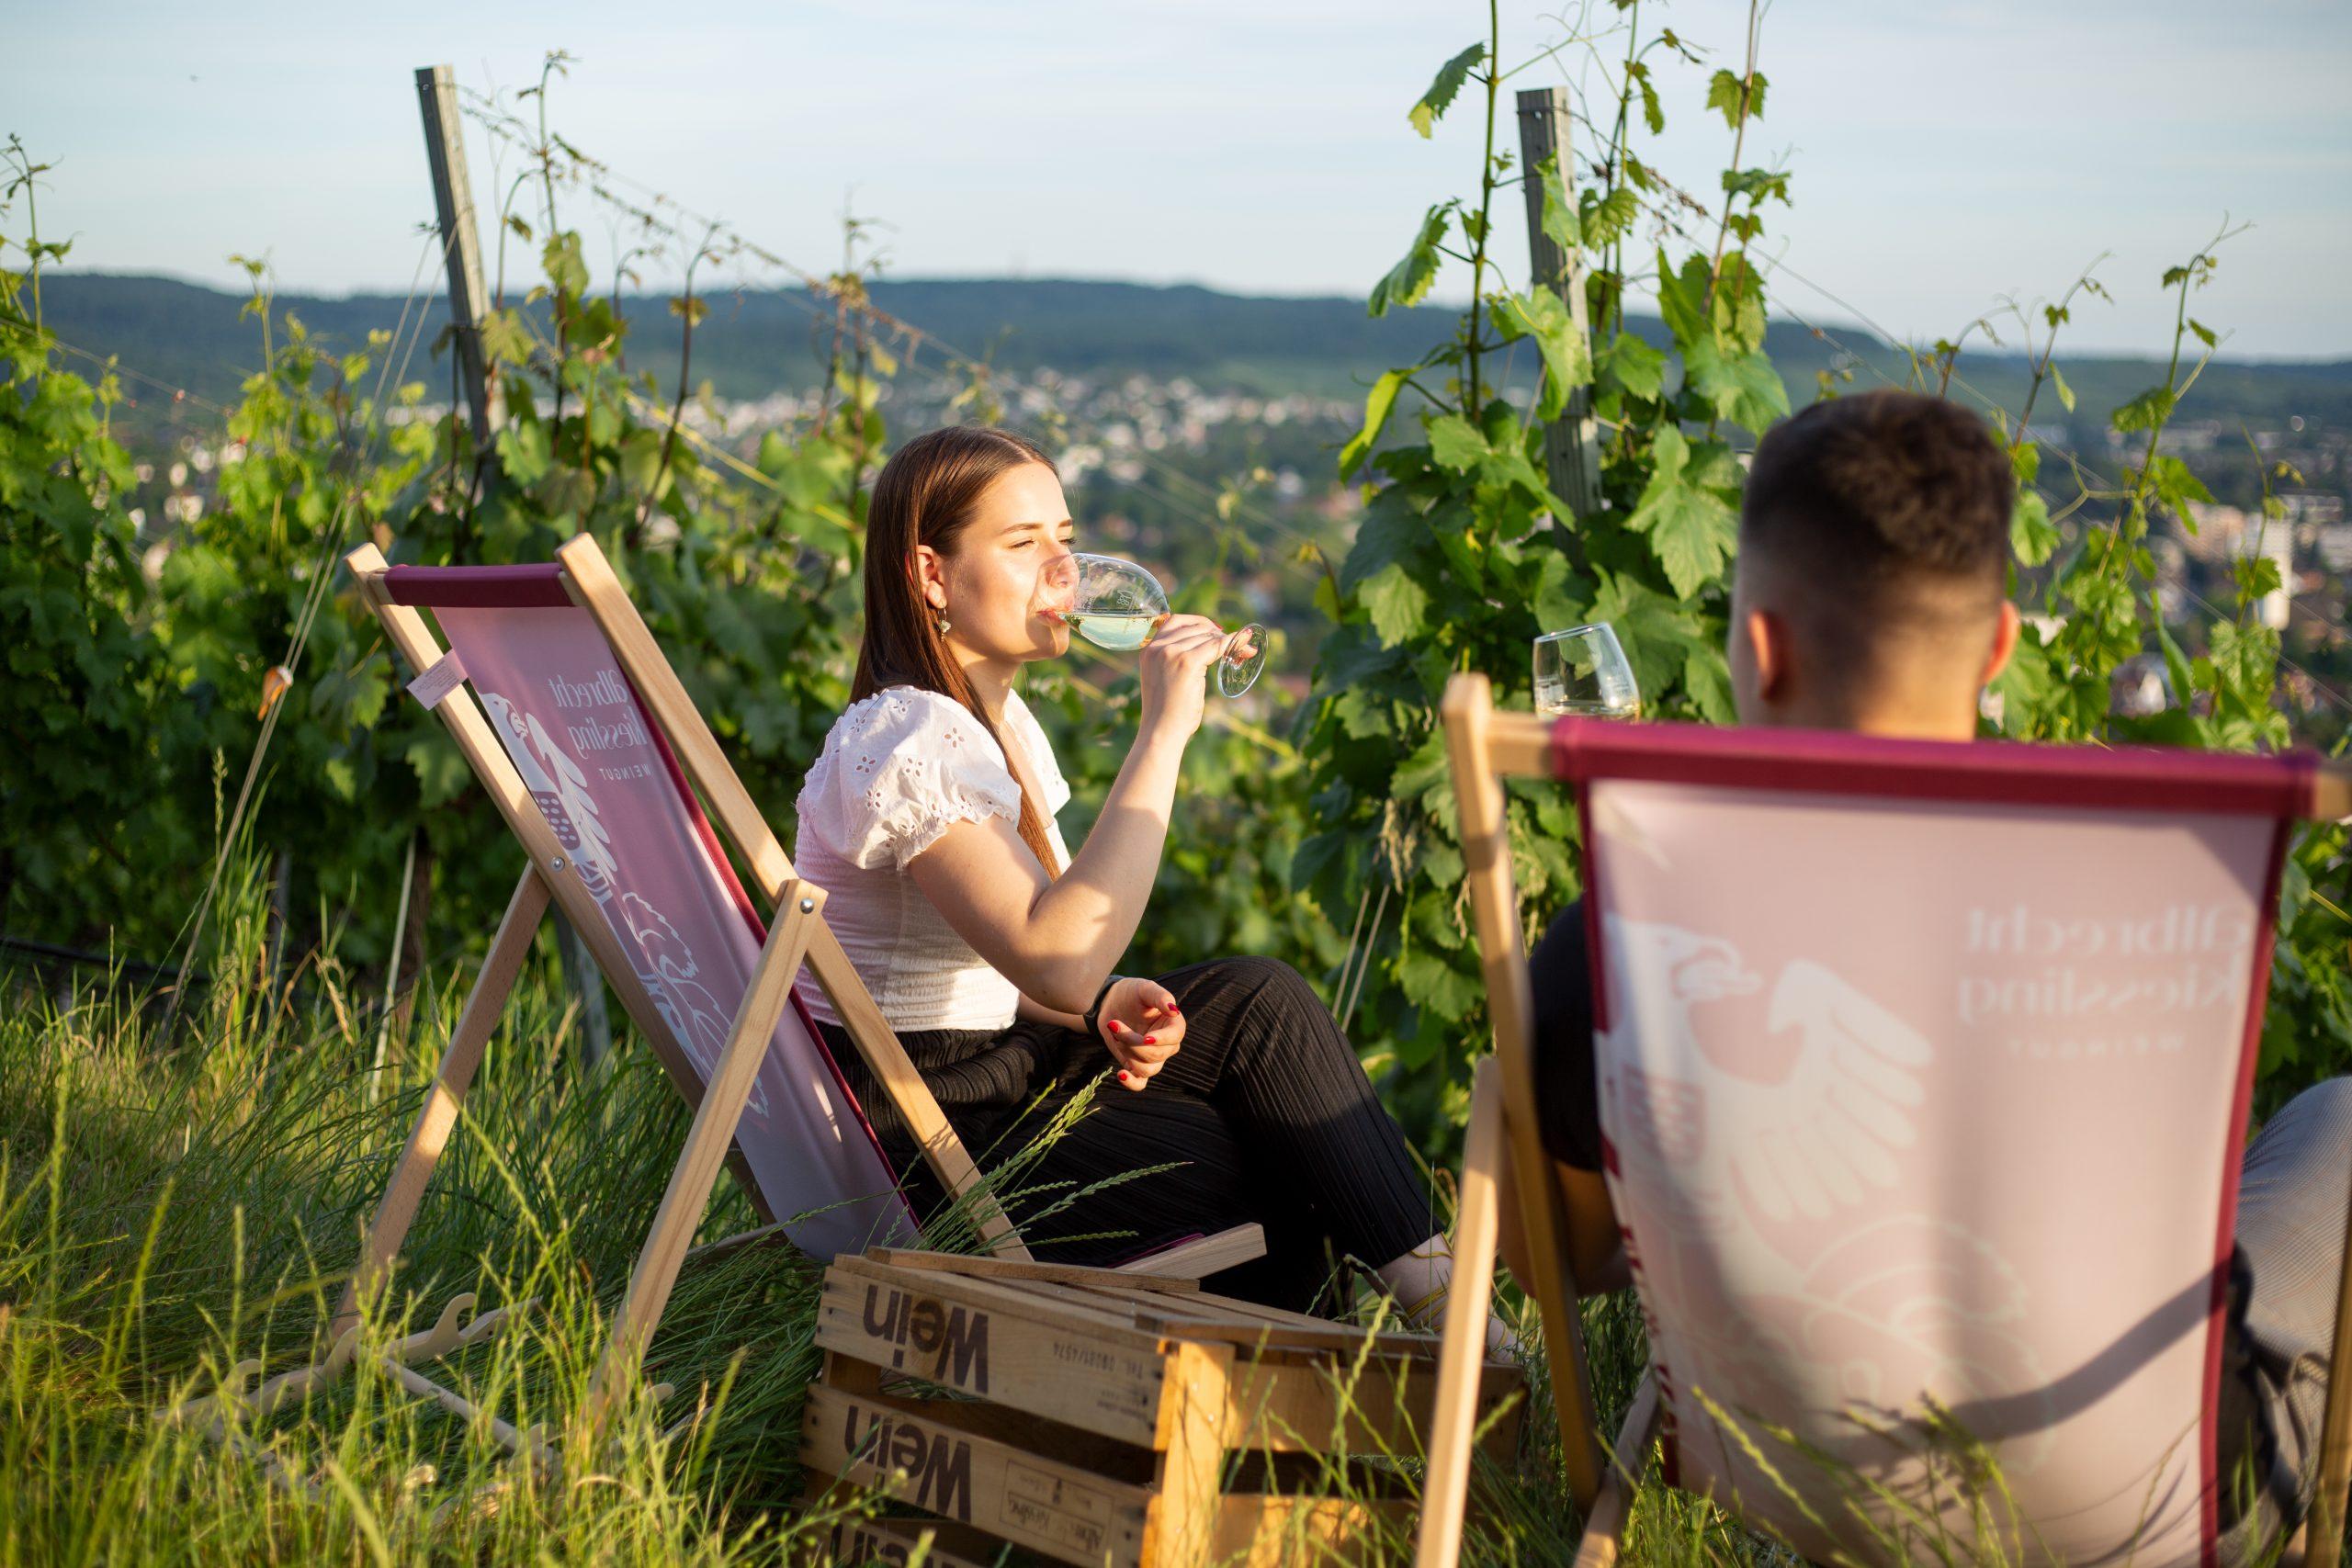 Nehmen an einem der Weinerlebnisse teil: Zwei junge Menschen sitzen im Weinberg und trinken Wein